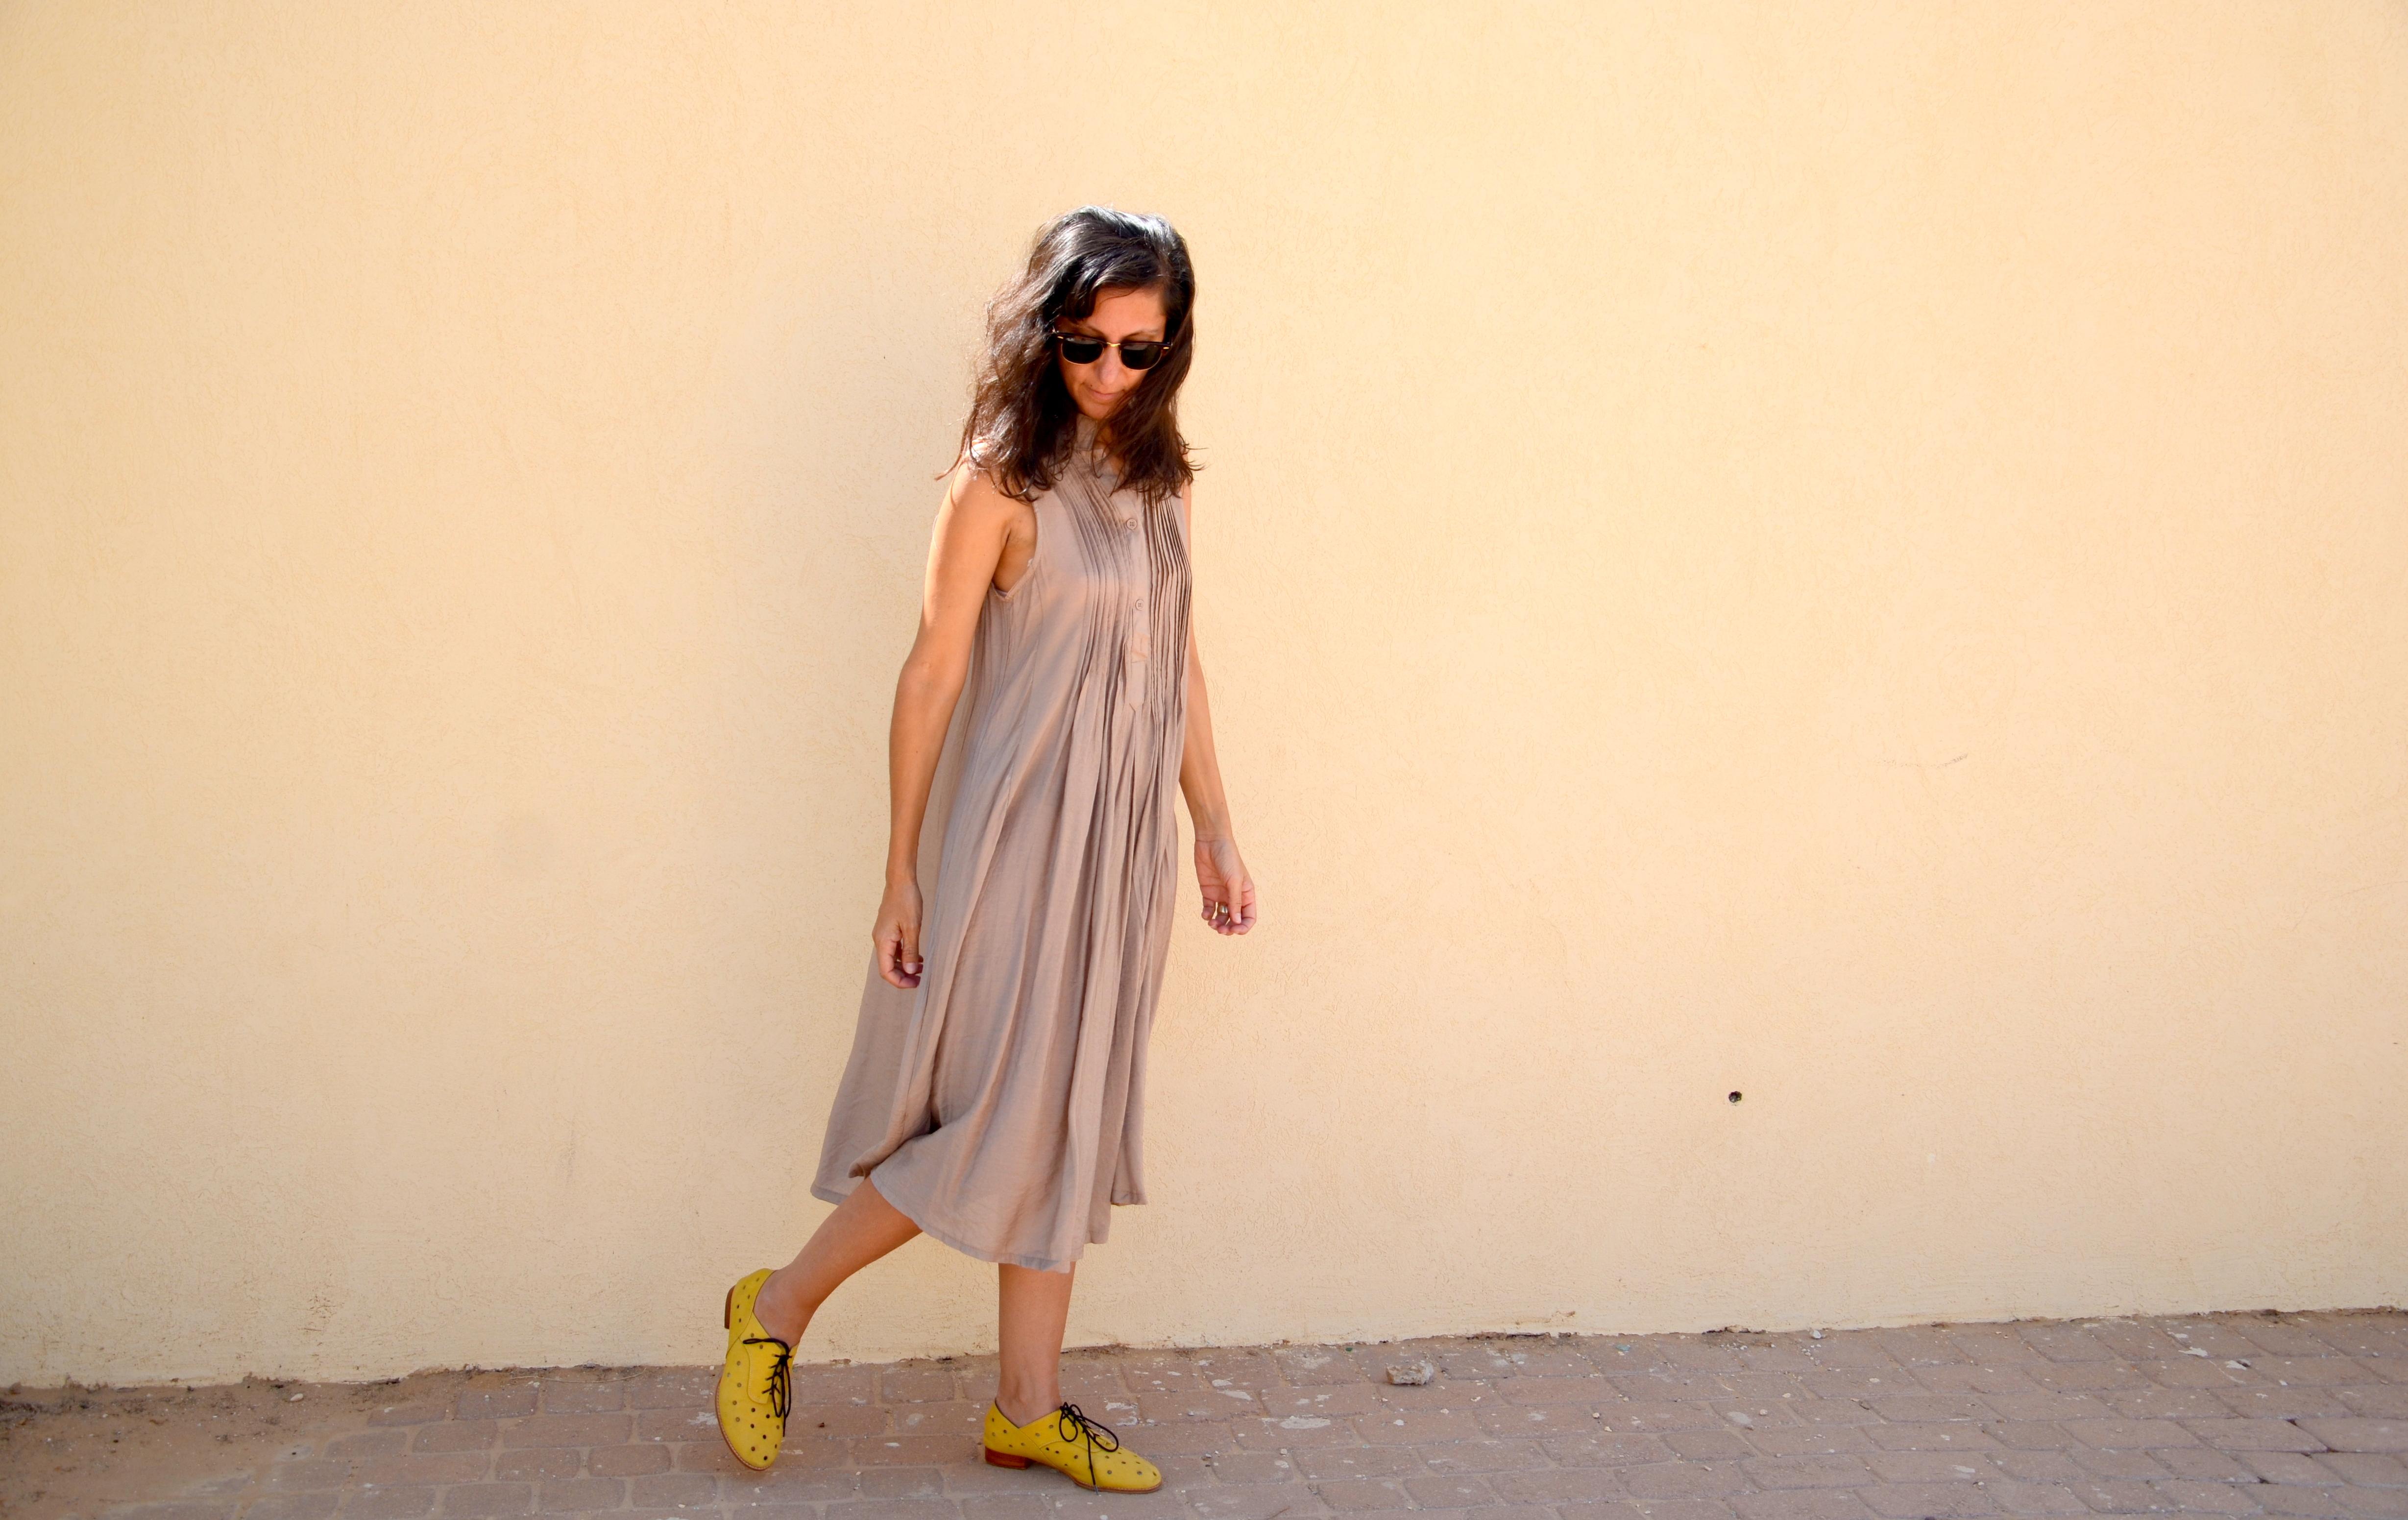 קרן נעליים צהובות